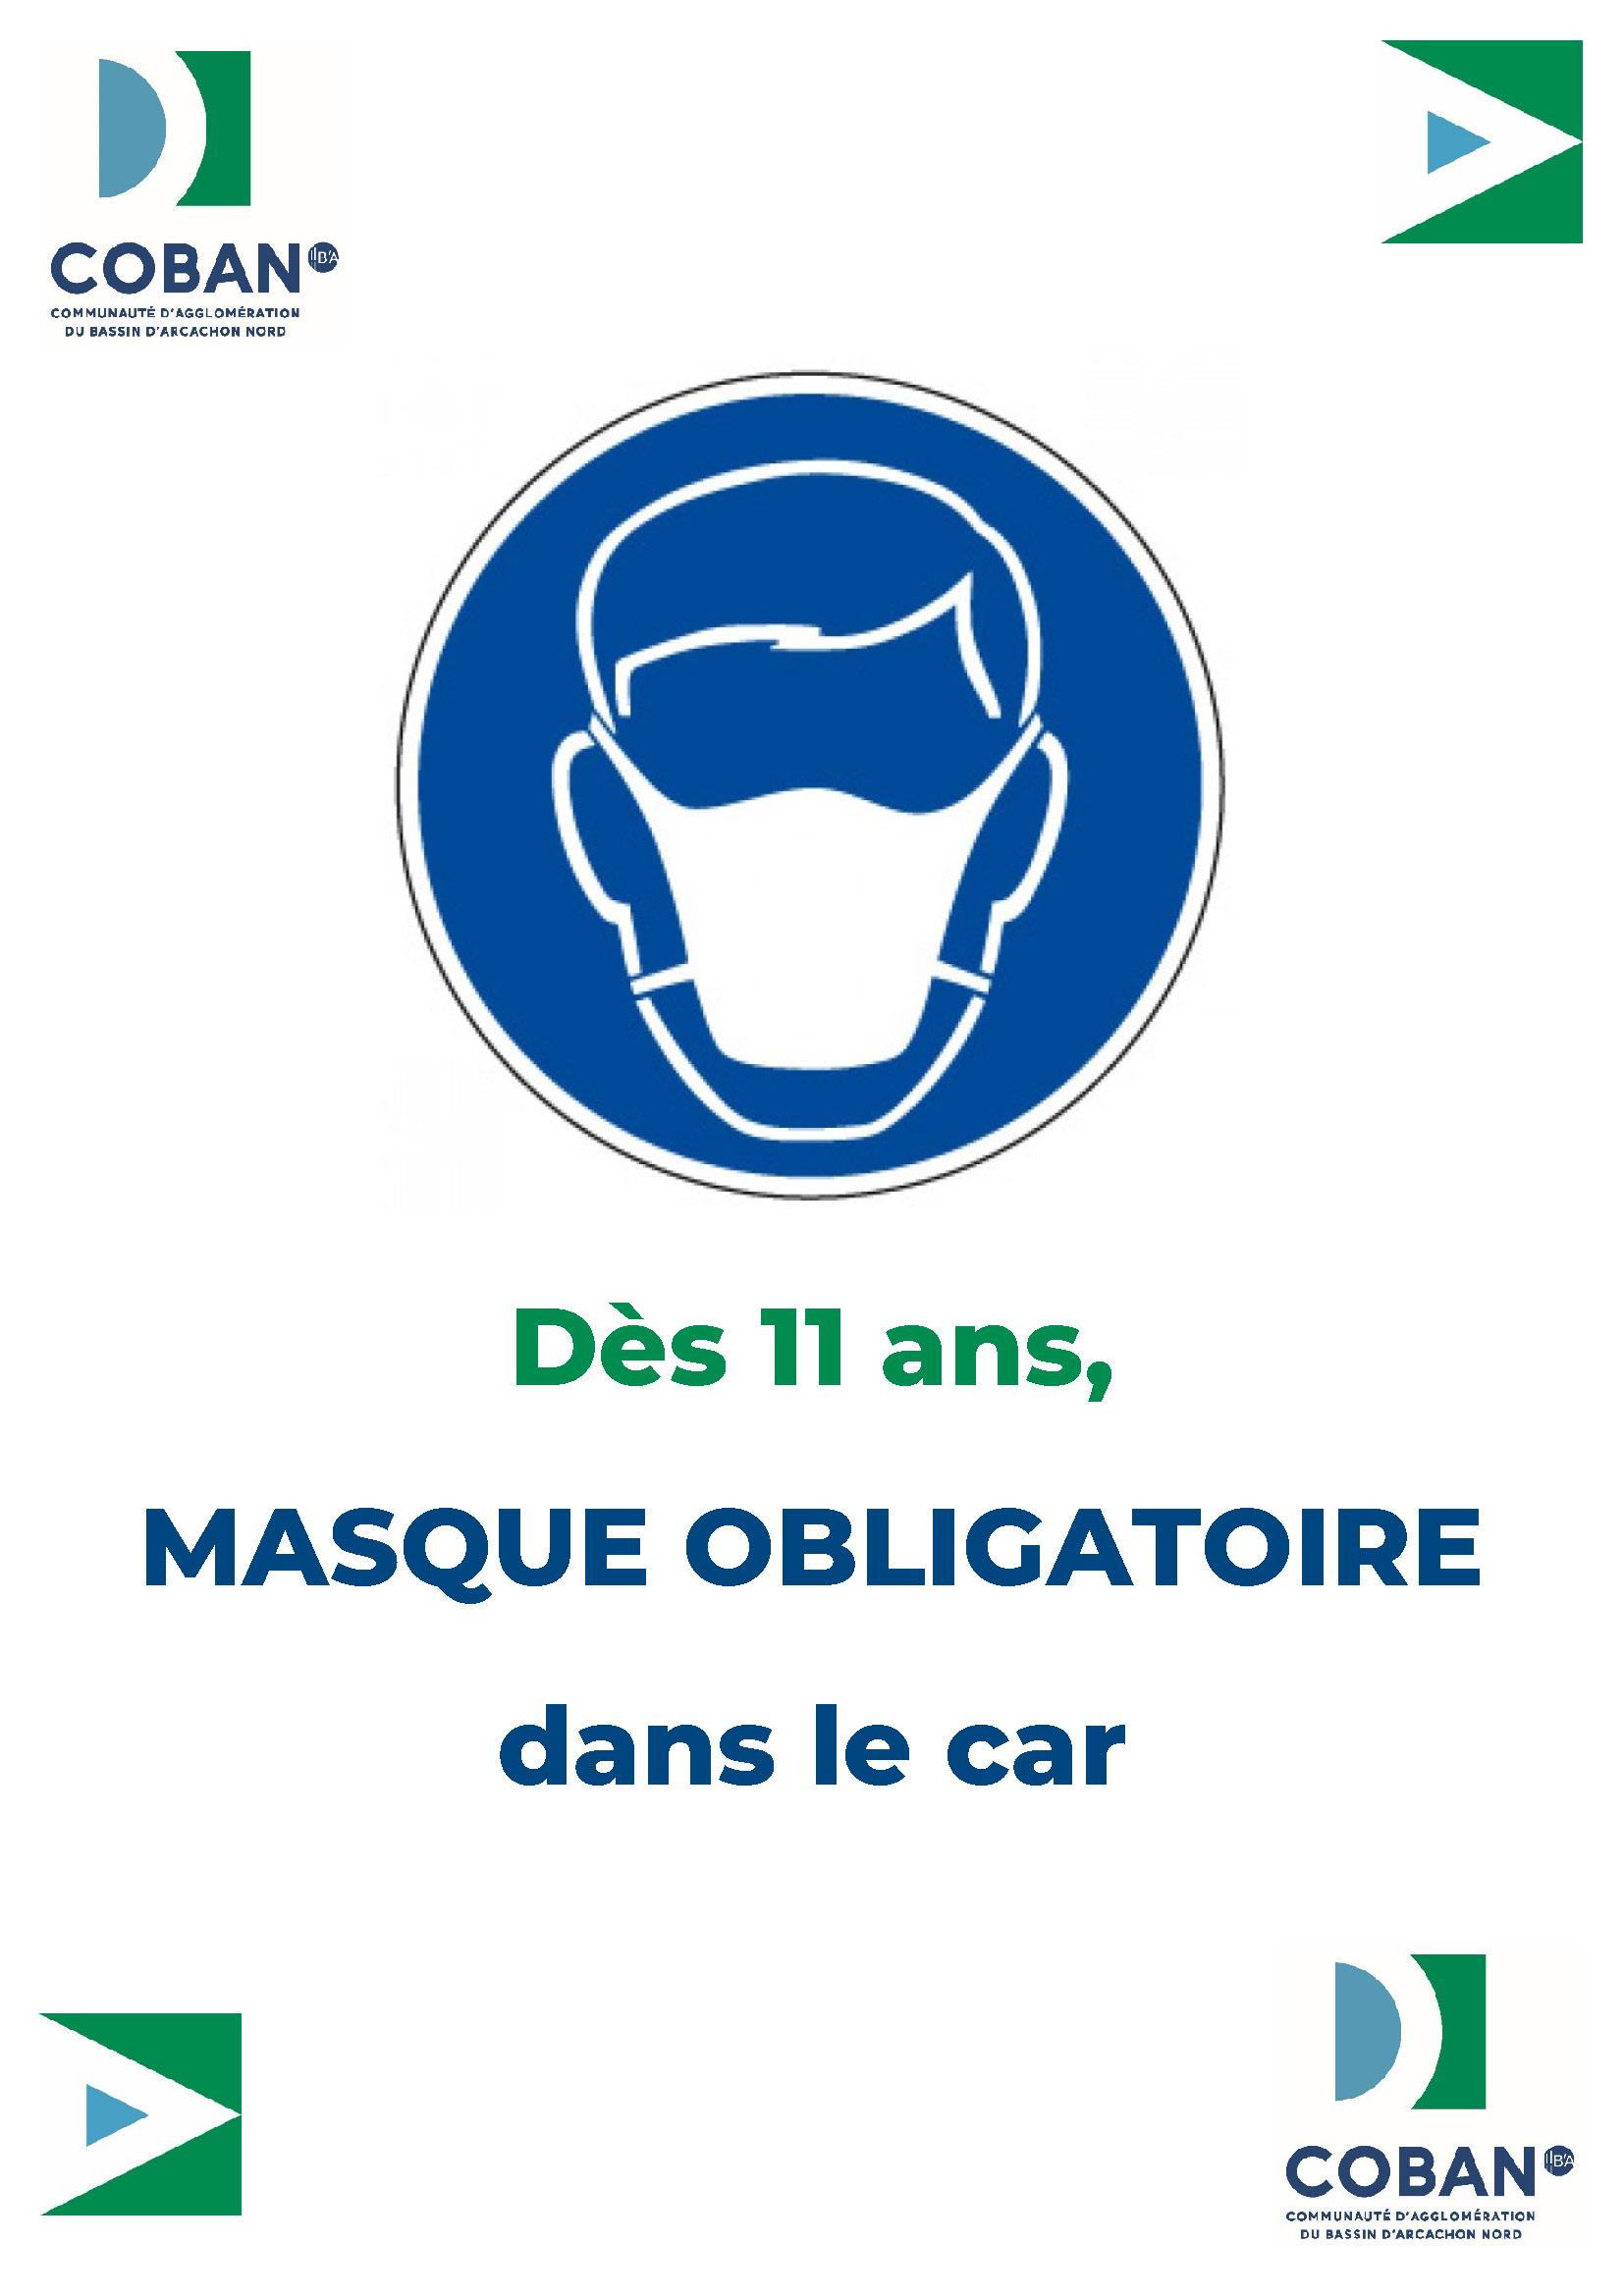 Affiche Masque obligatoire Car scolaire